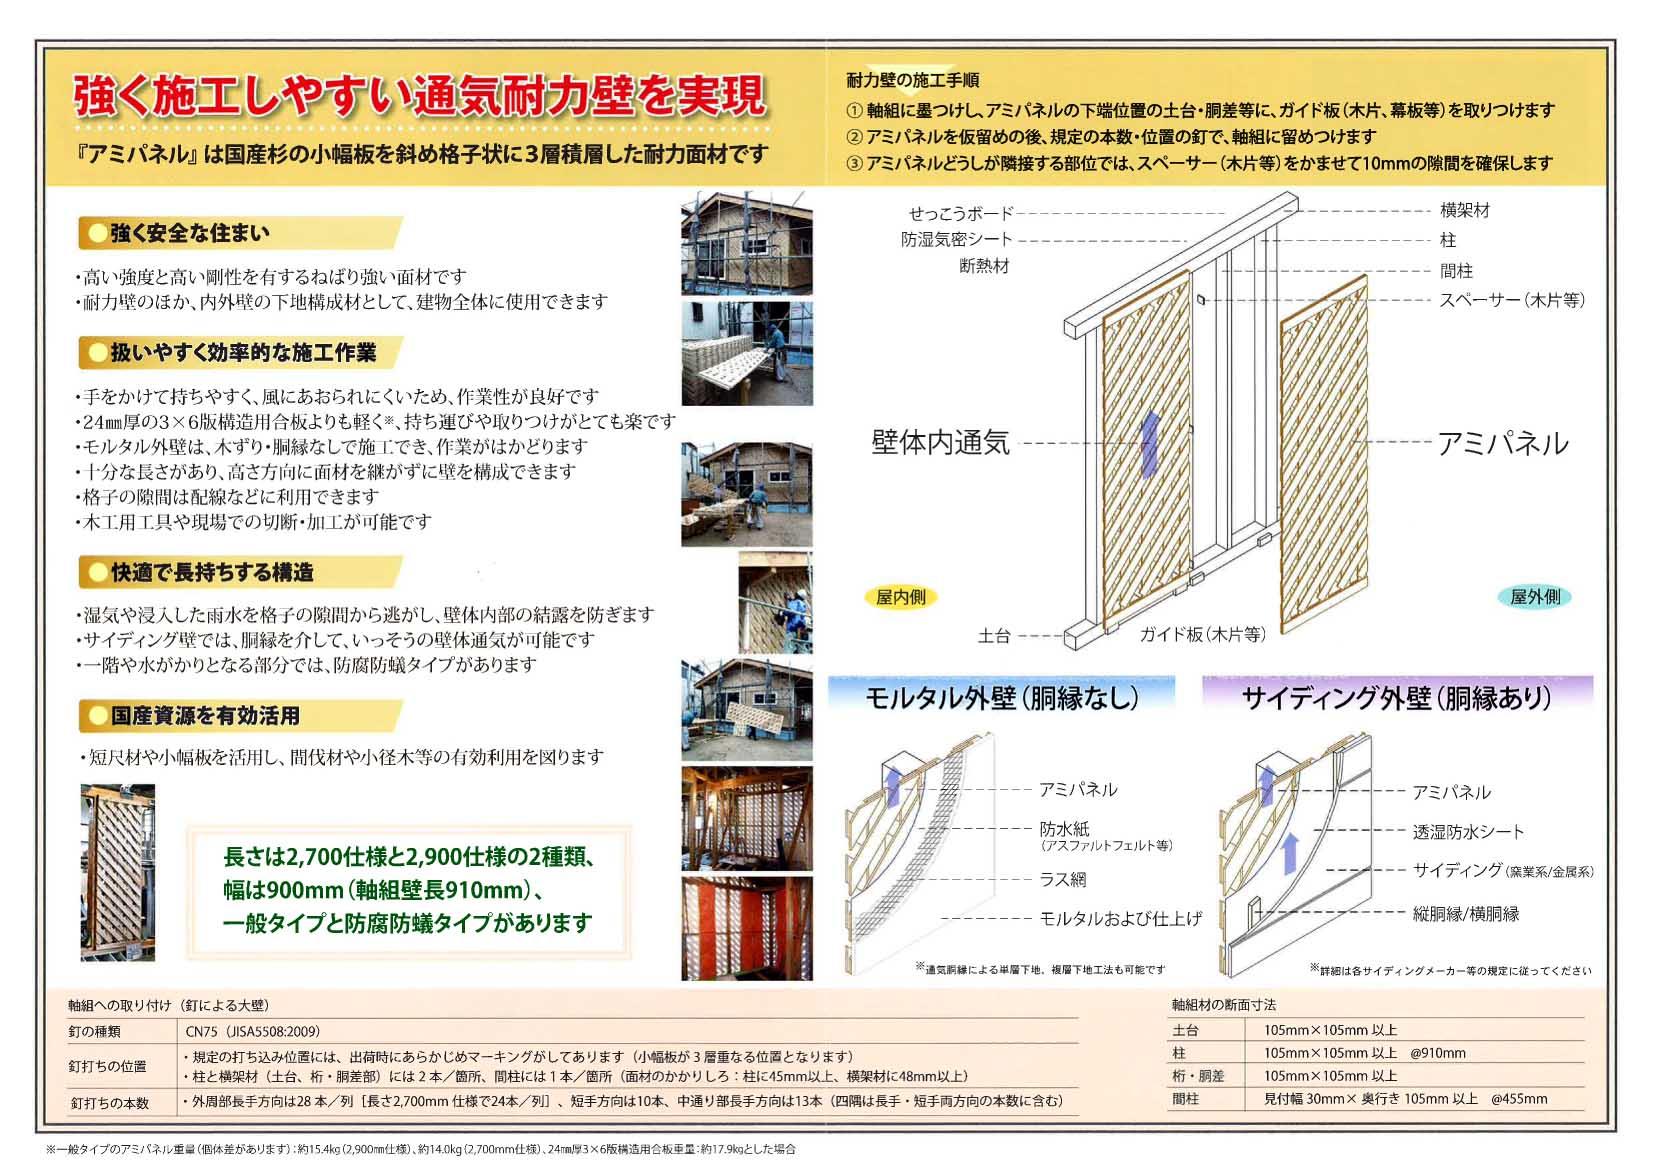 ジャパンホームショウ2012 見学_f0150893_15214317.jpg